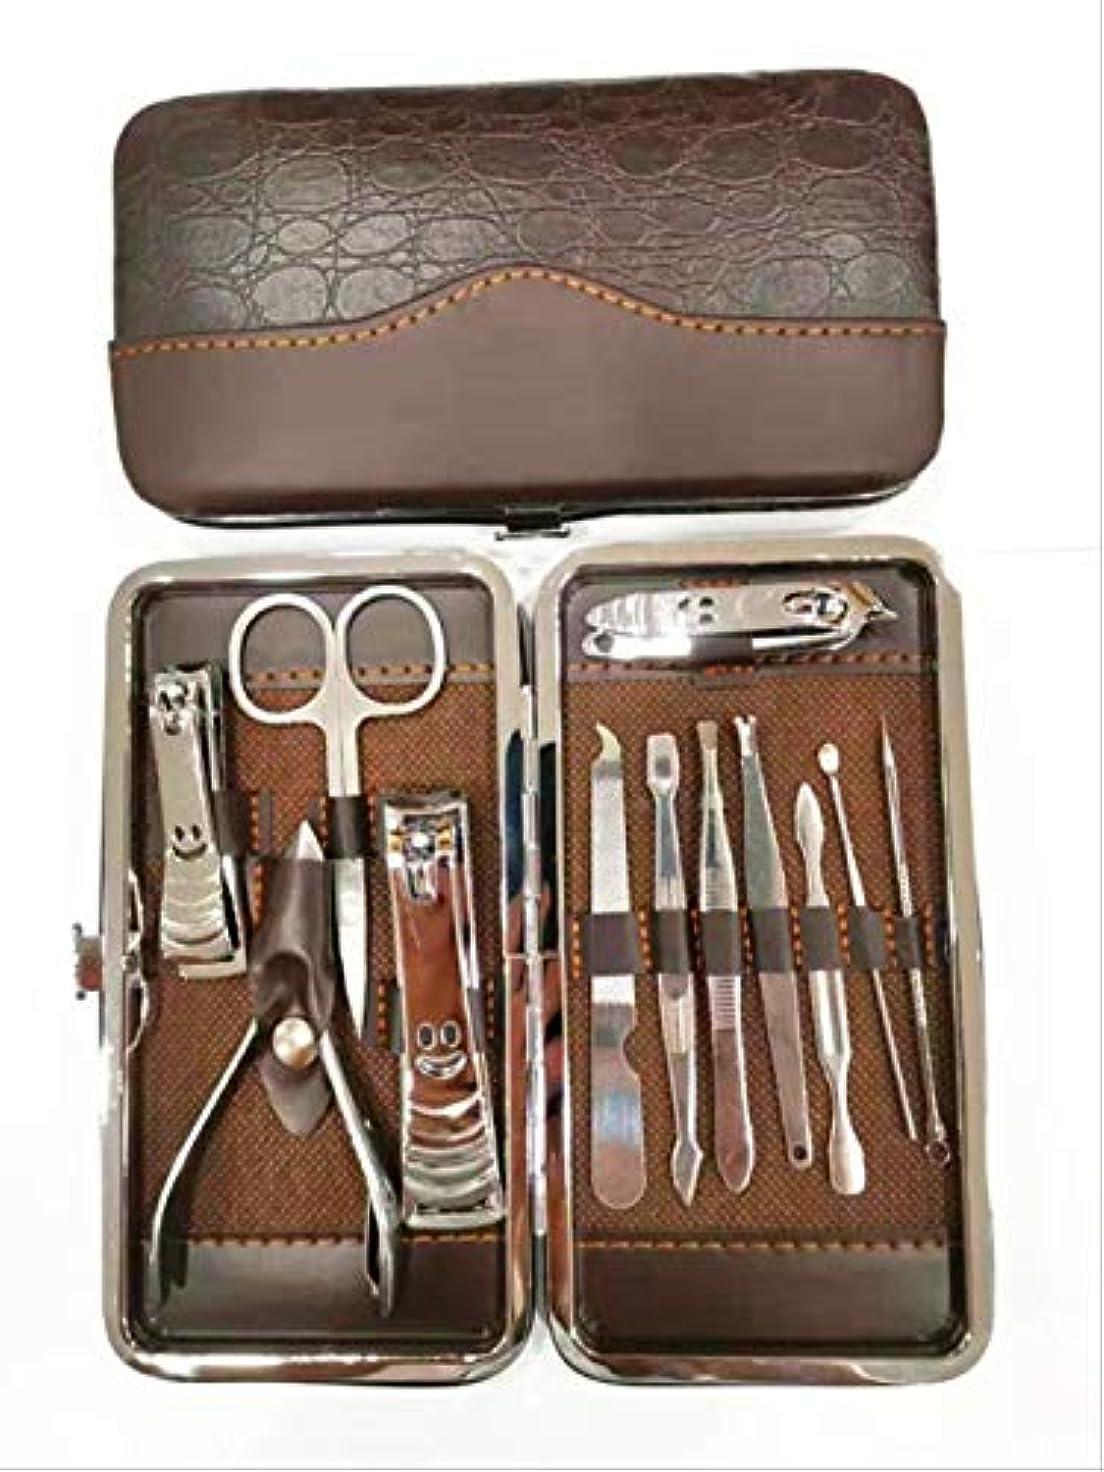 赤面勇気のあるおしゃれじゃない爪切りセット16ピースペディキュアナイフ美容プライヤー爪ツール 7119キューバパターン